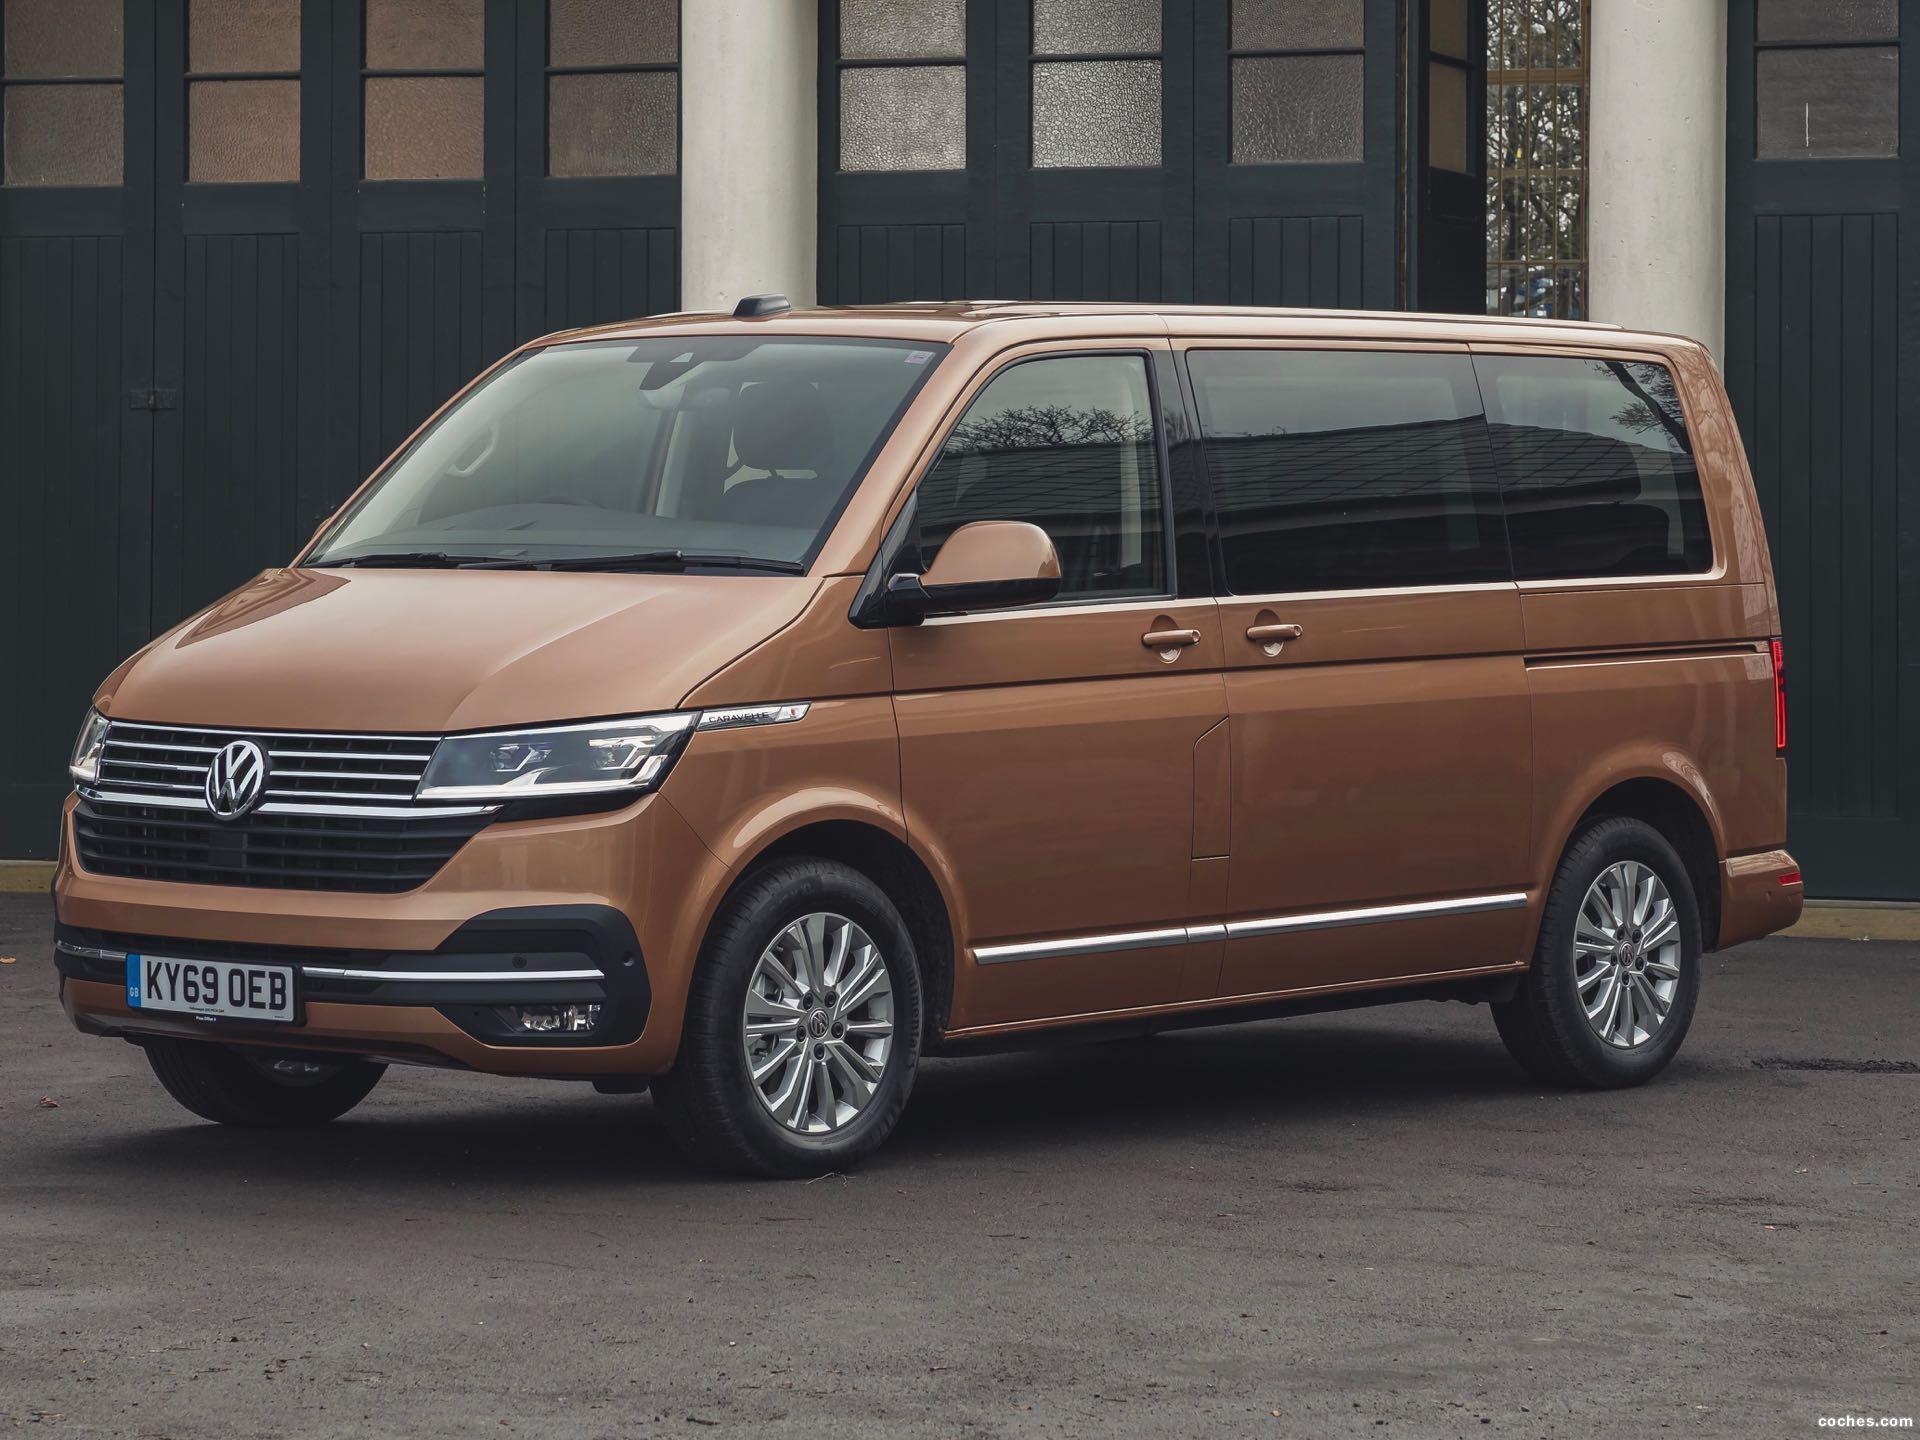 Volkswagen Caravelle 2020 UK